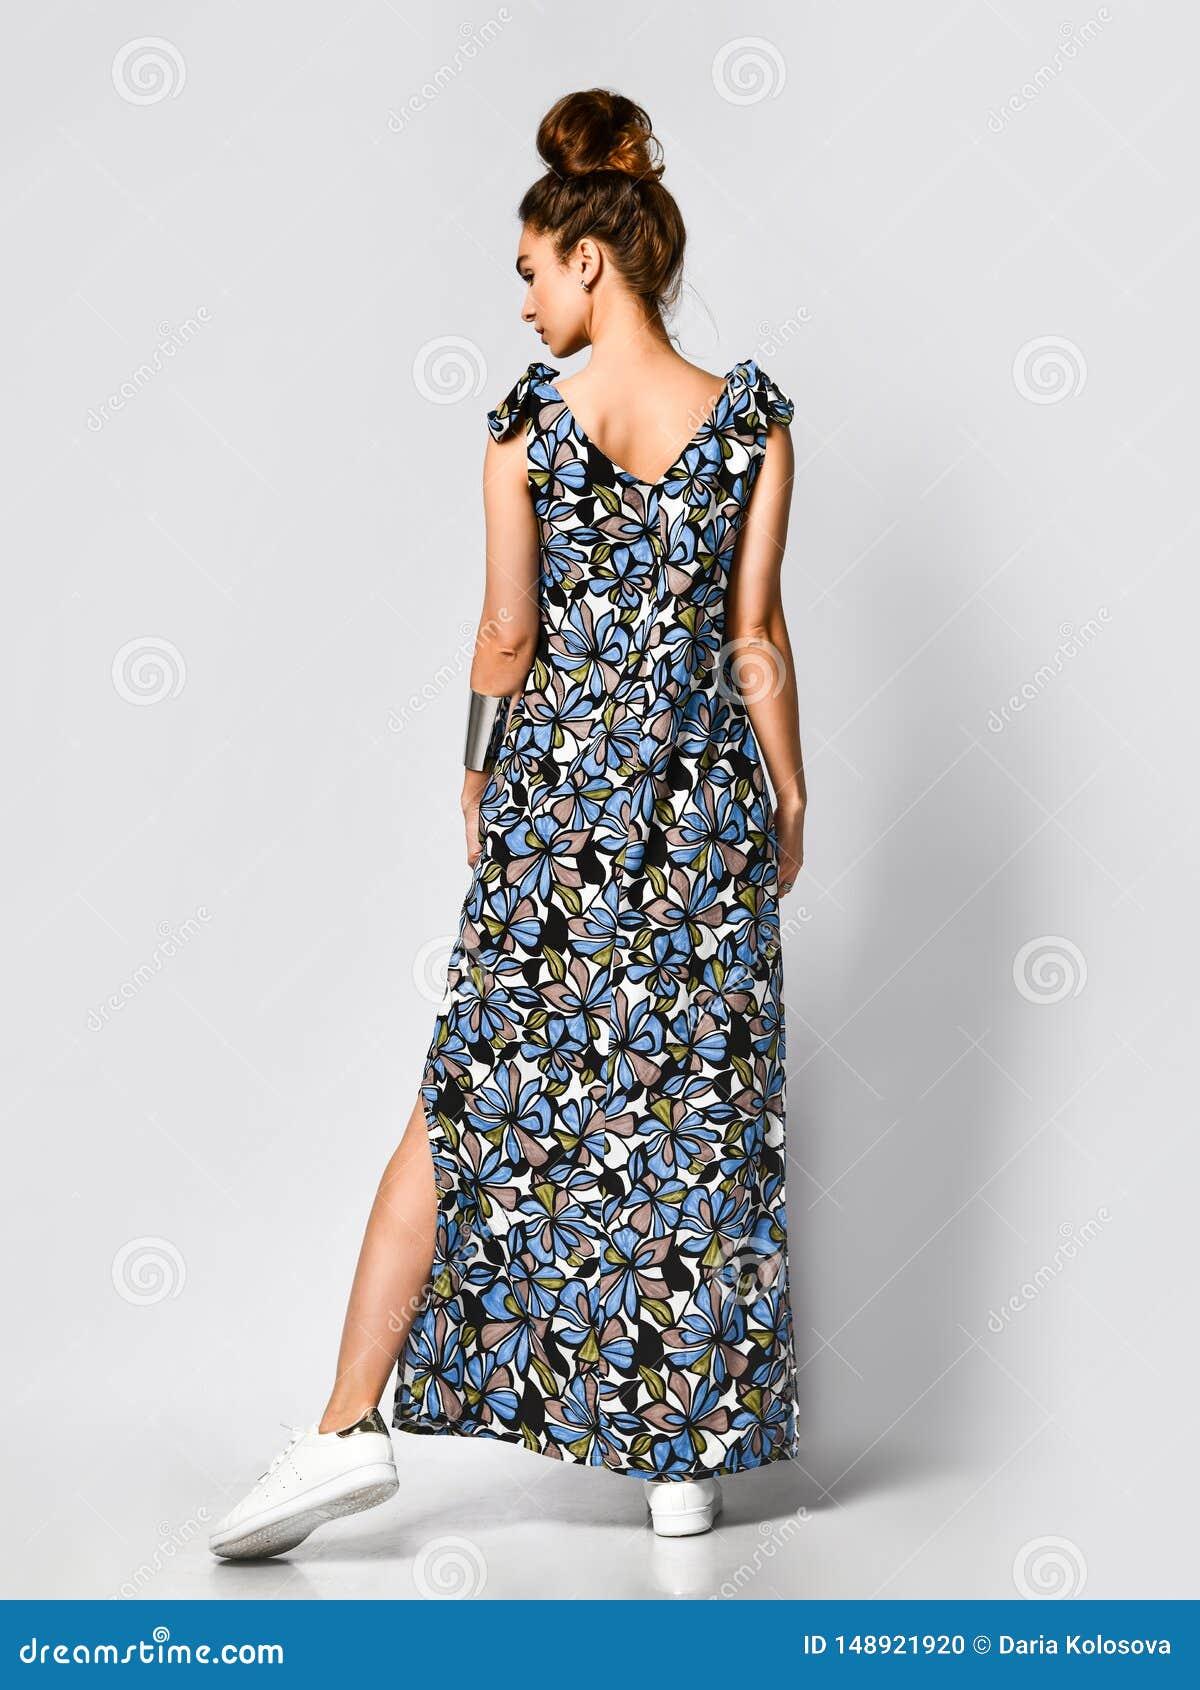 Frau im langen Blumenkleiderin mode Speicher - Portr?t des M?dchens in einem Kleidungsgesch?ft in einem Maxi Sommerkleid